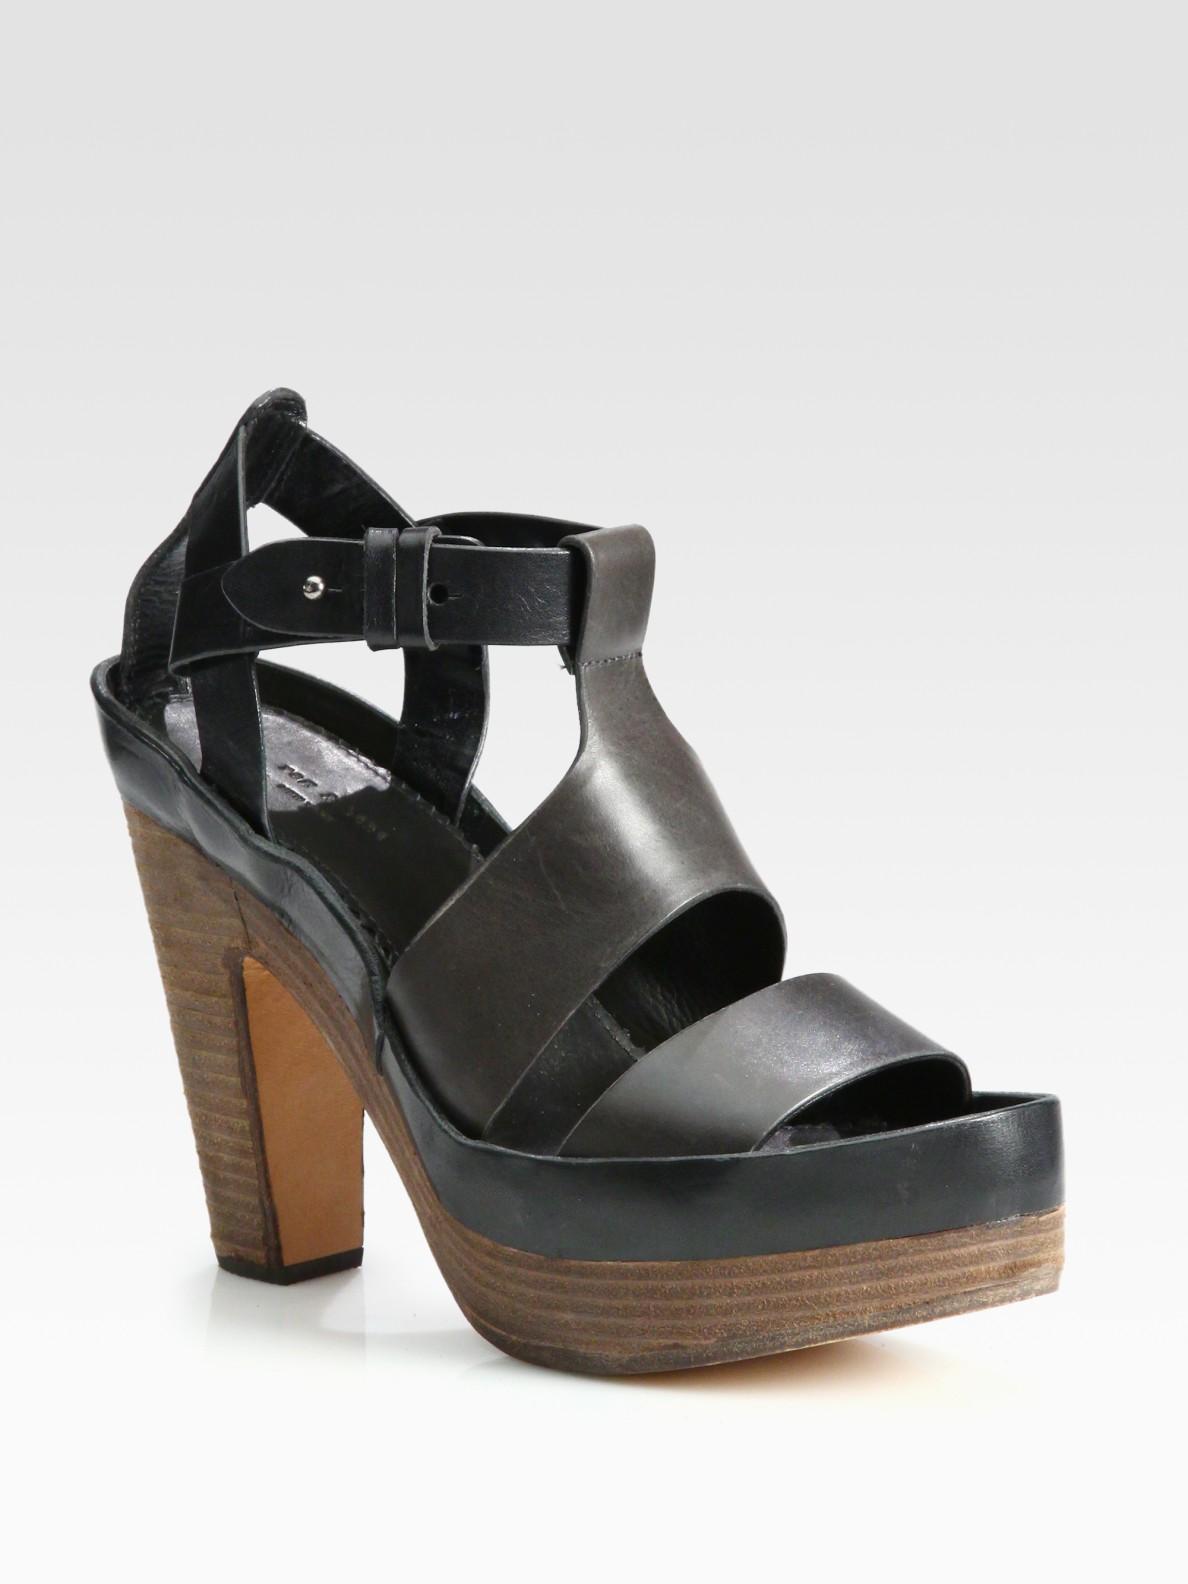 pick a best sale online sale 2015 Rag & Bone Bicolor Platform Sandals footlocker sale online outlet browse fab5UVR3t